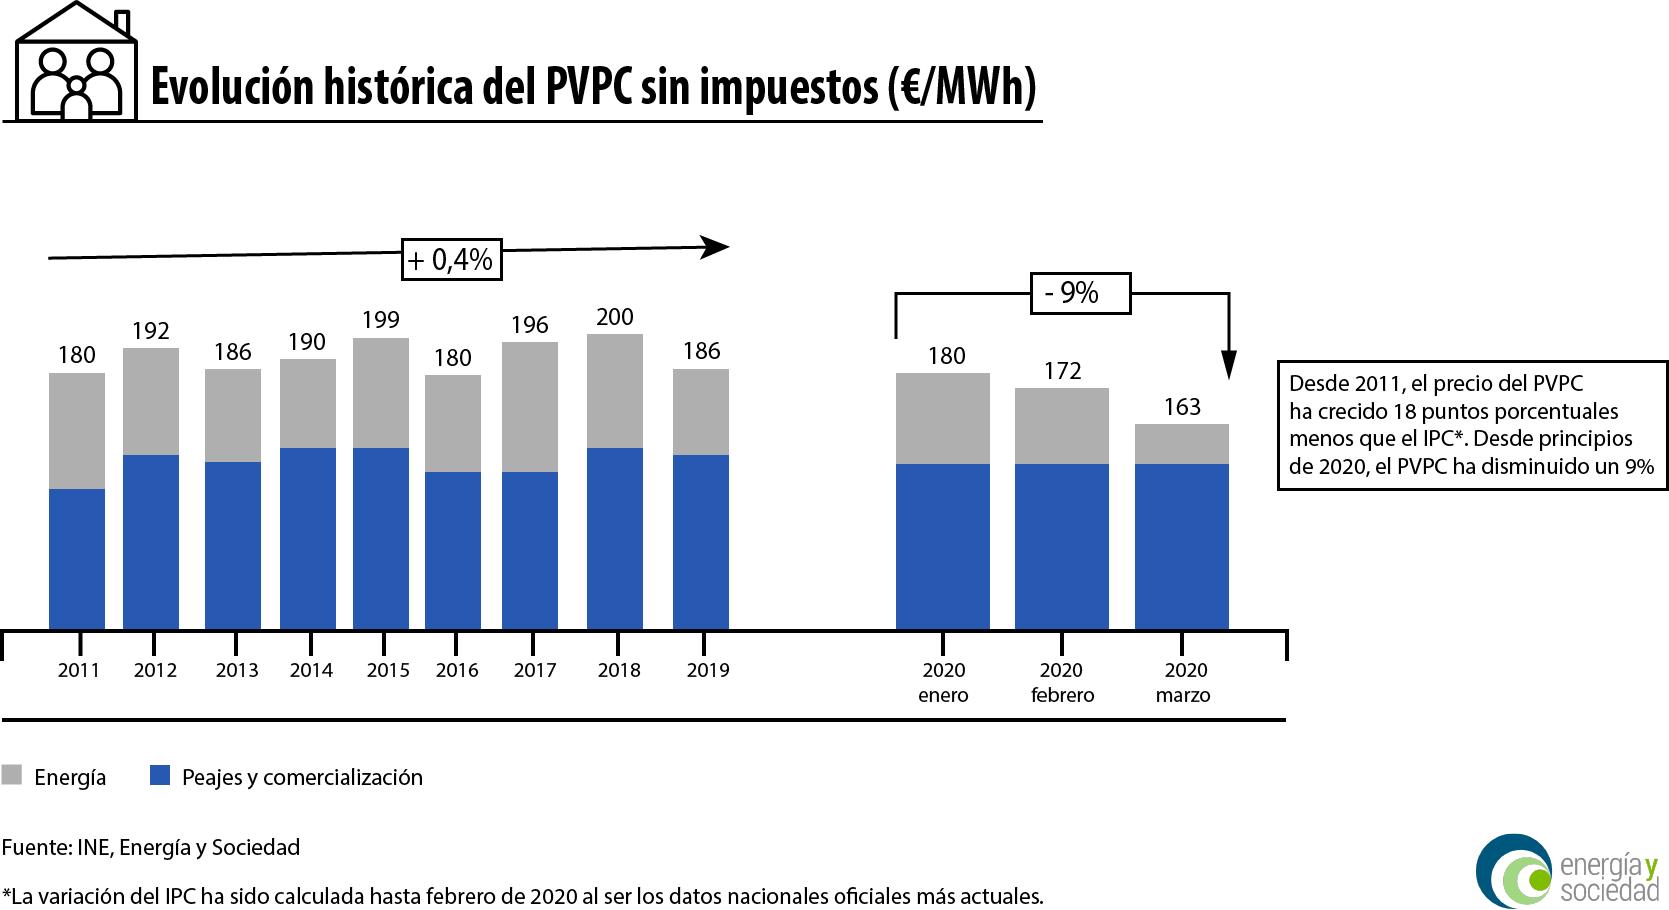 Evolución histórica del PVPC (vía Energía y Sociedad)